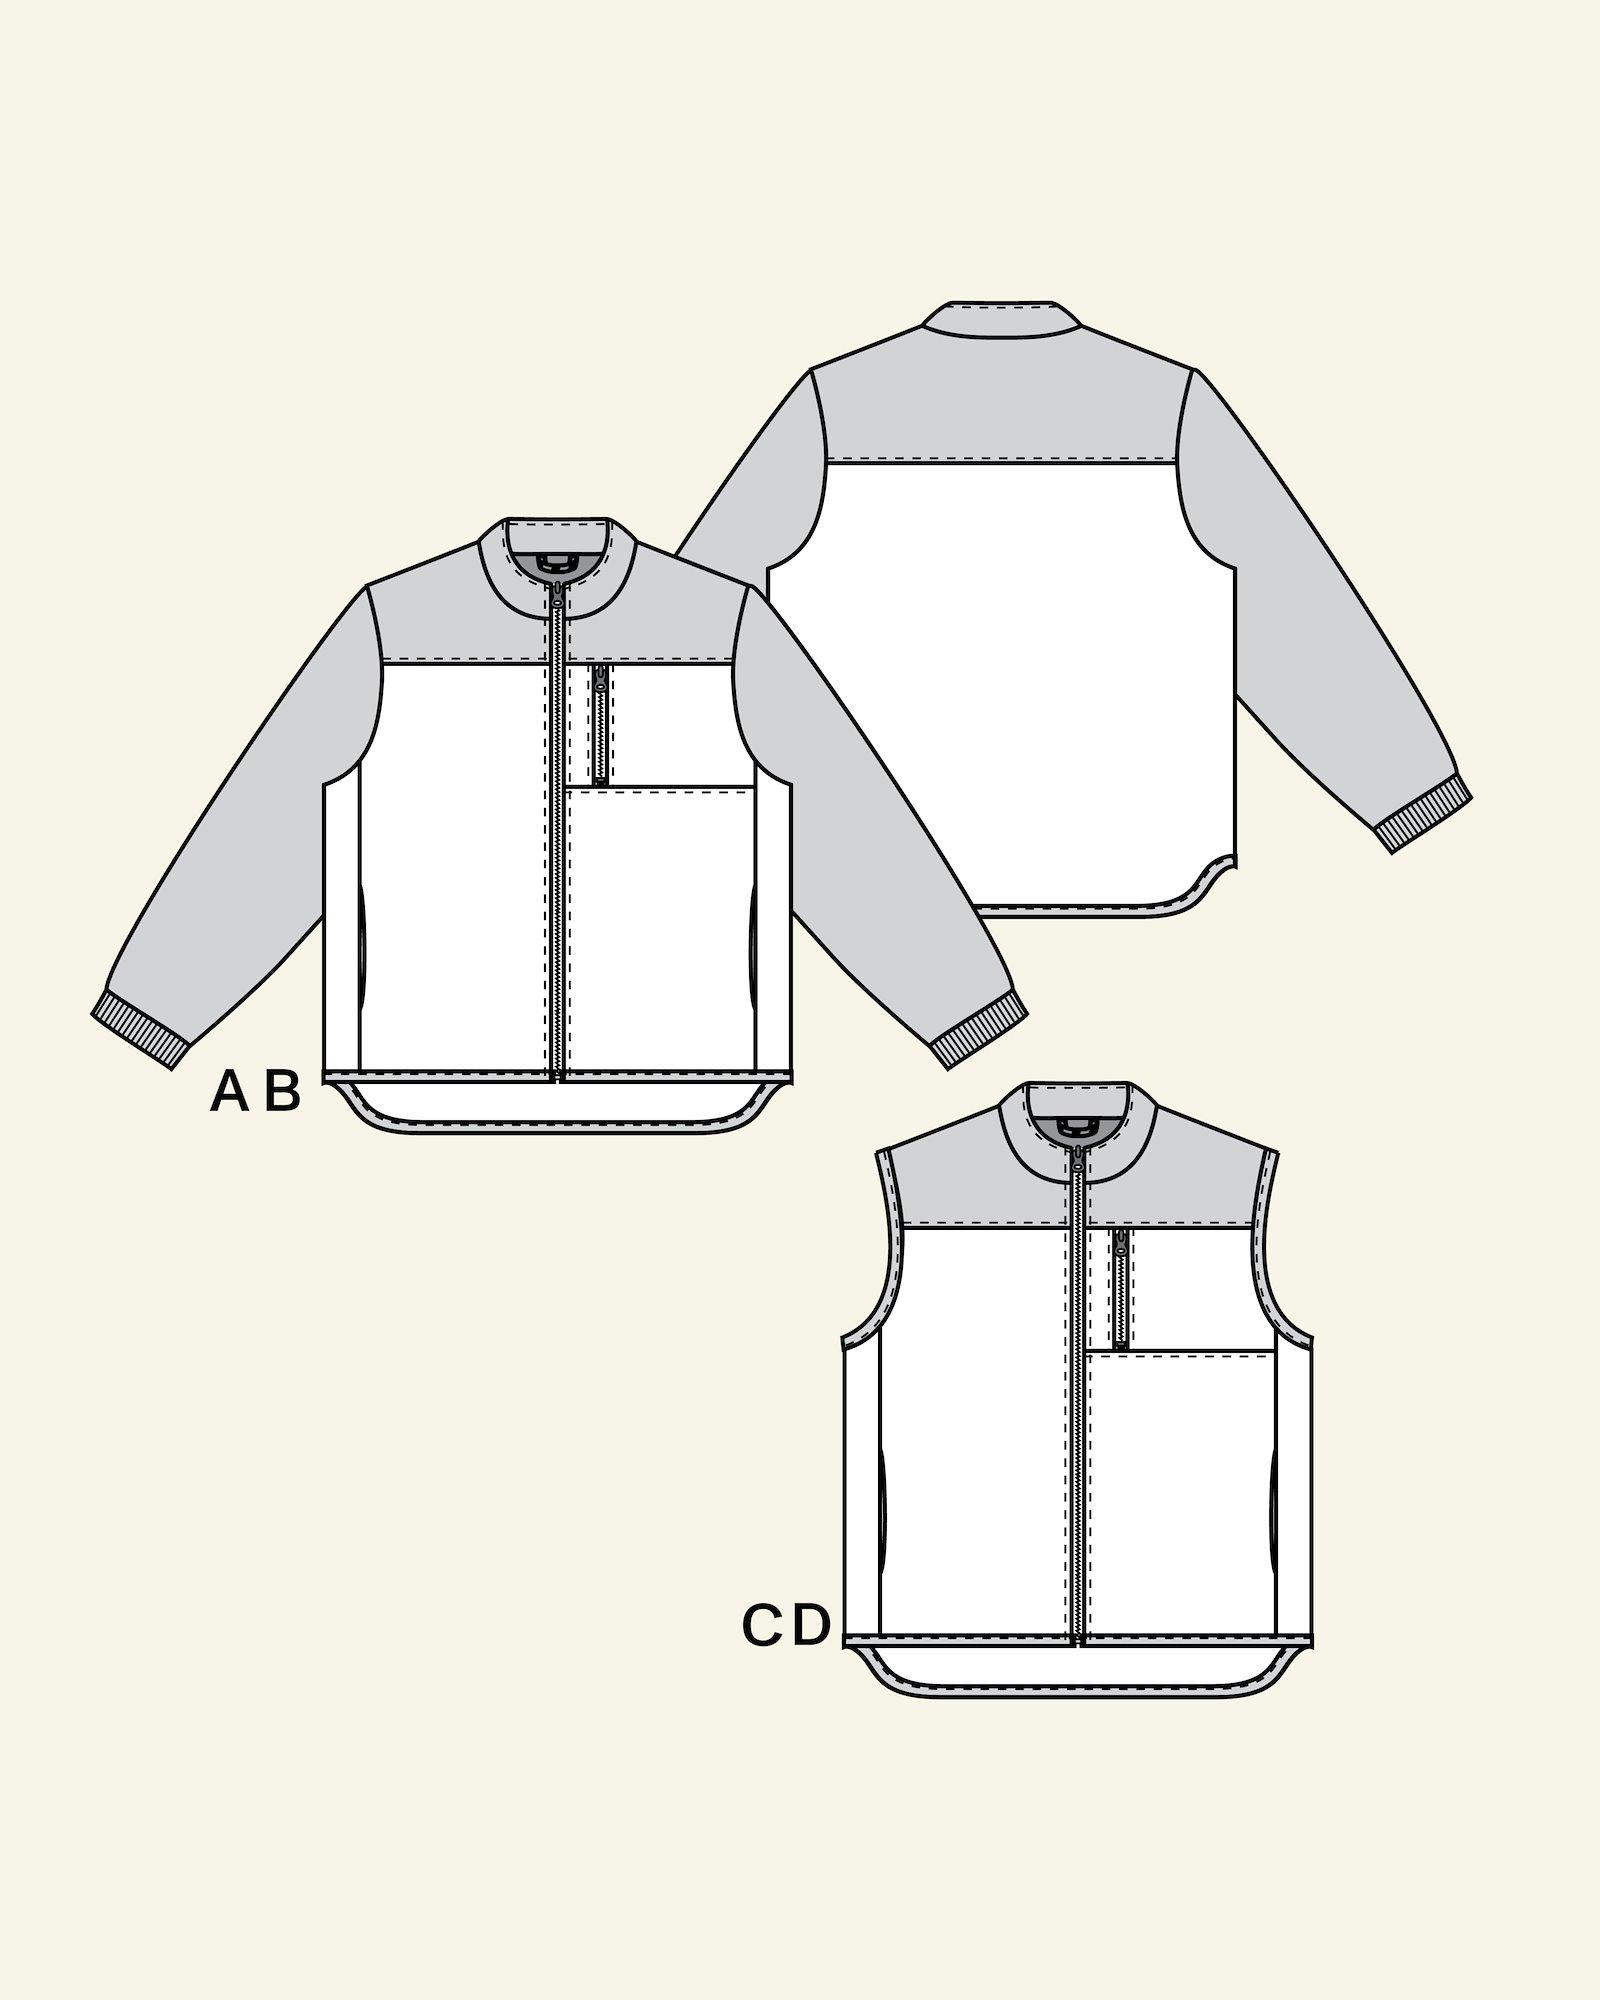 Jacket and waistcoat, 46/18